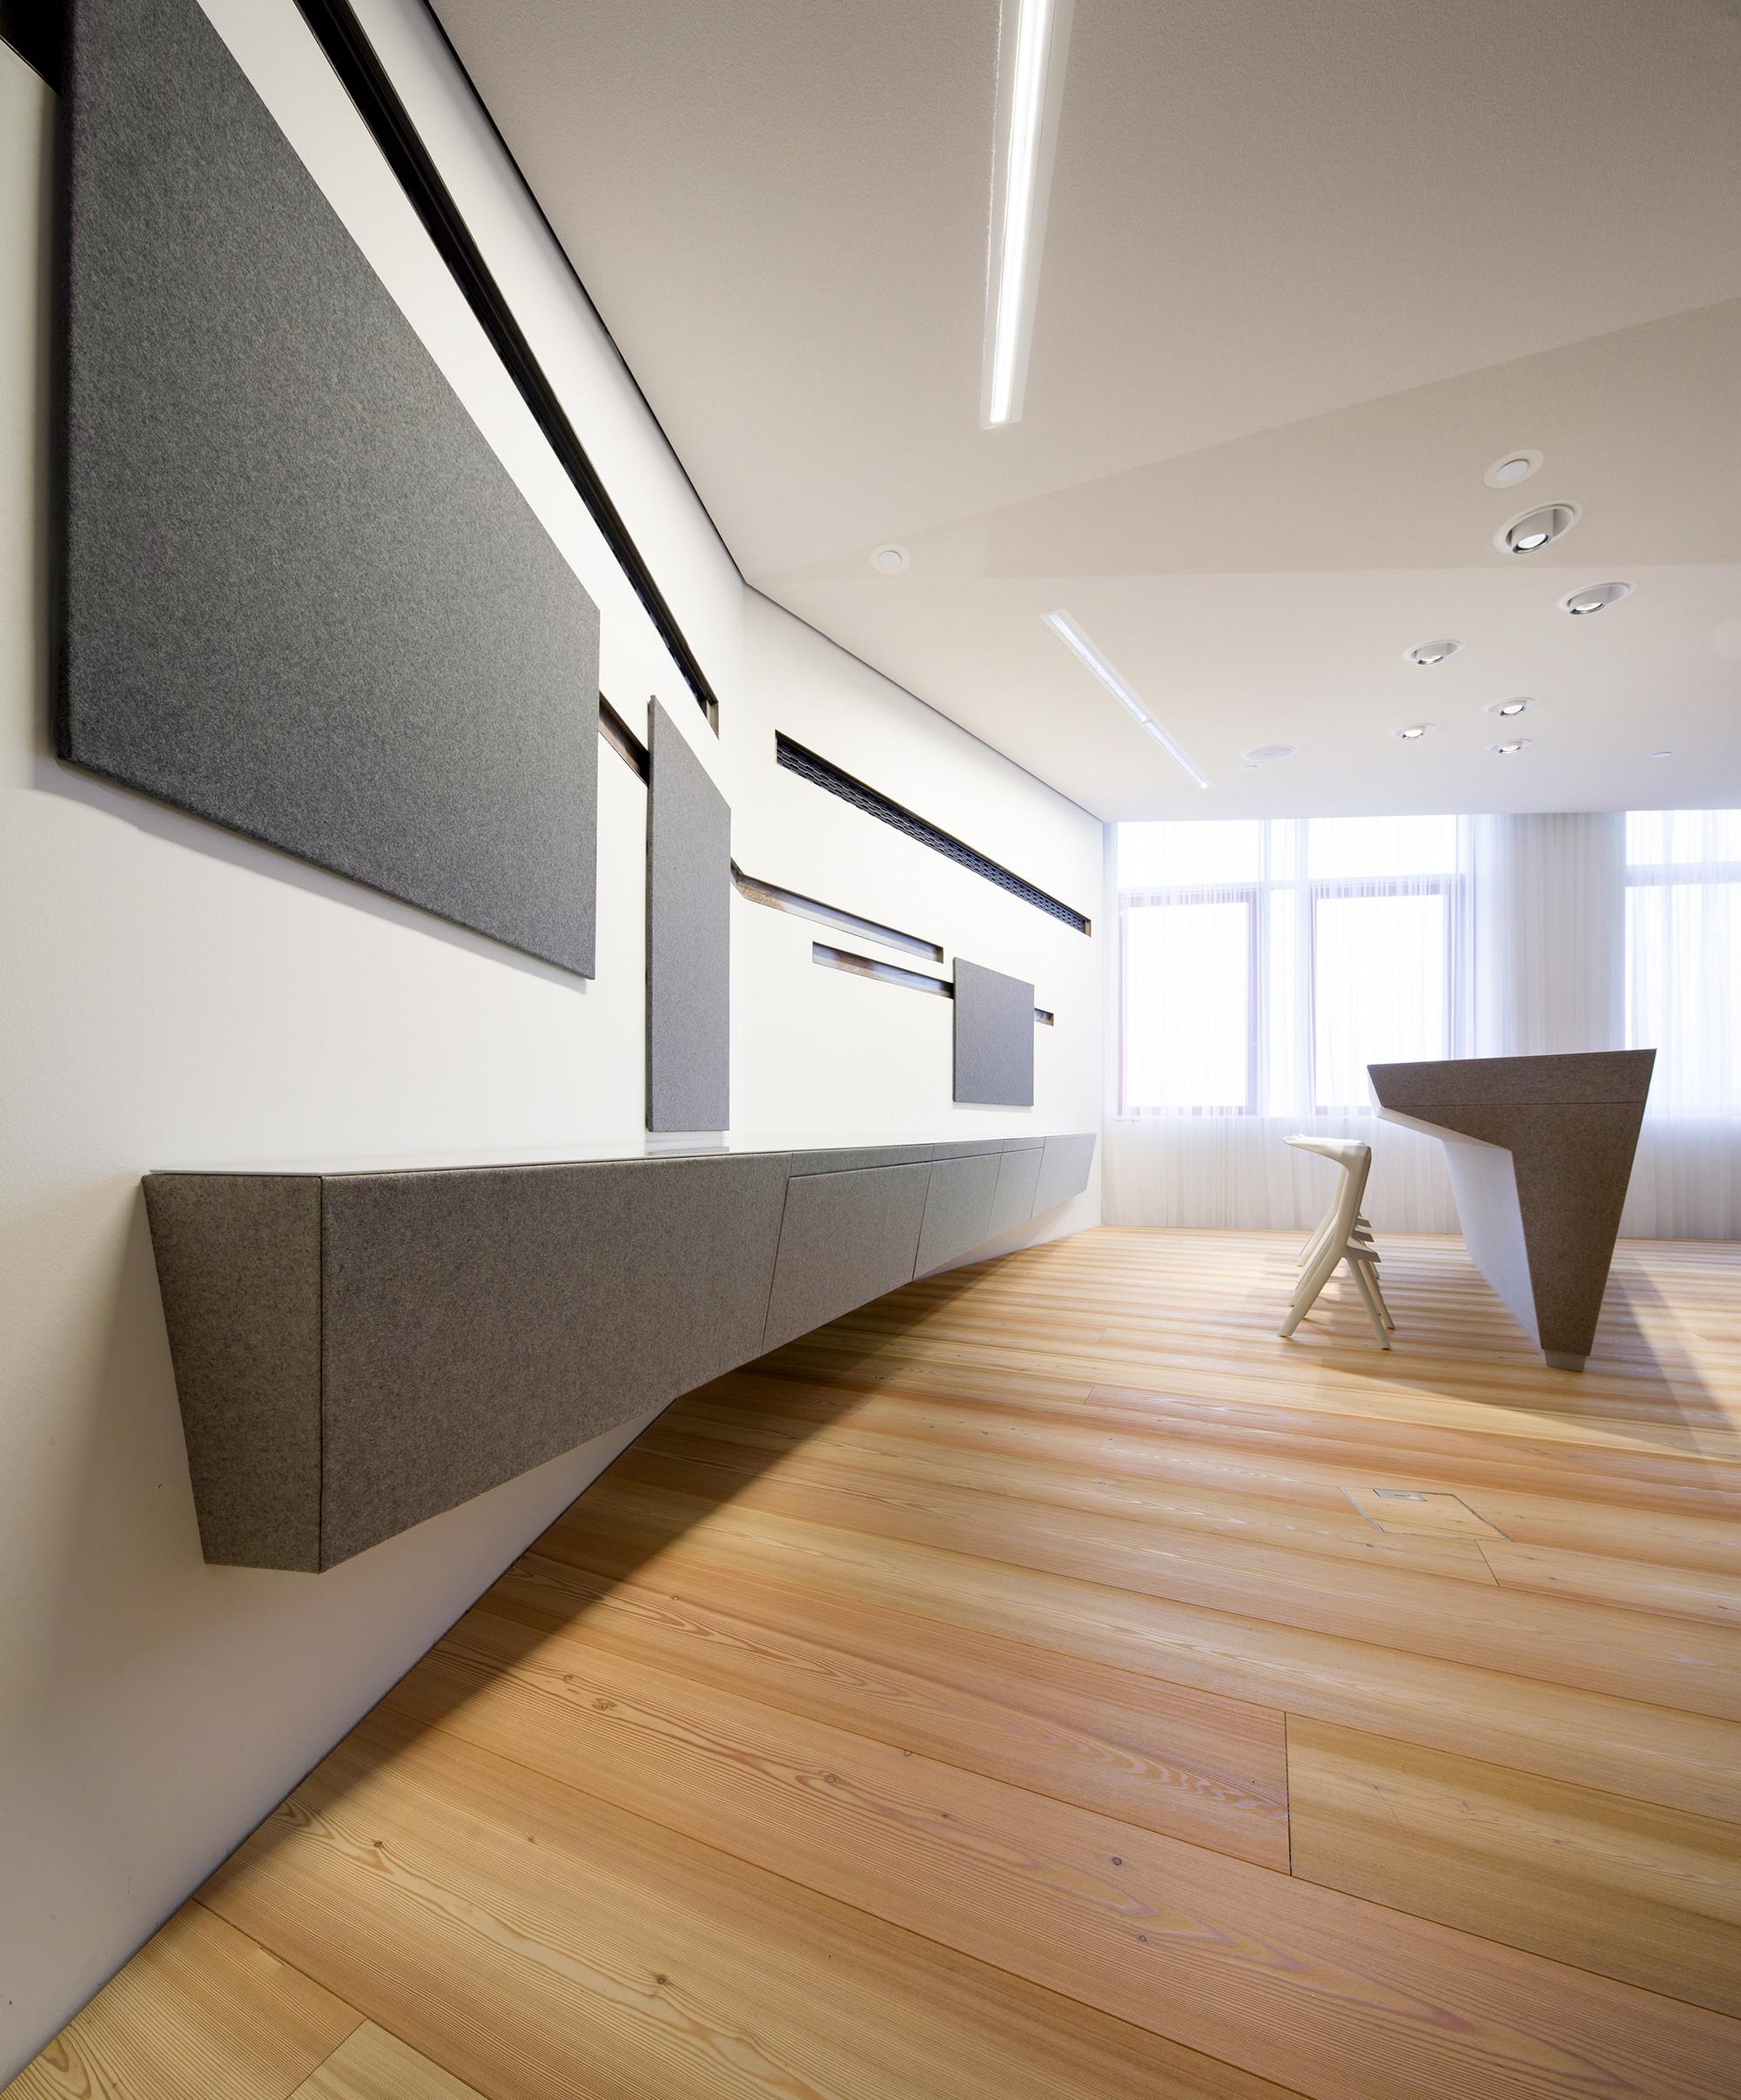 Schöne Räume gallery of kreativlabs schöne räume architektur innenarchitektur 5